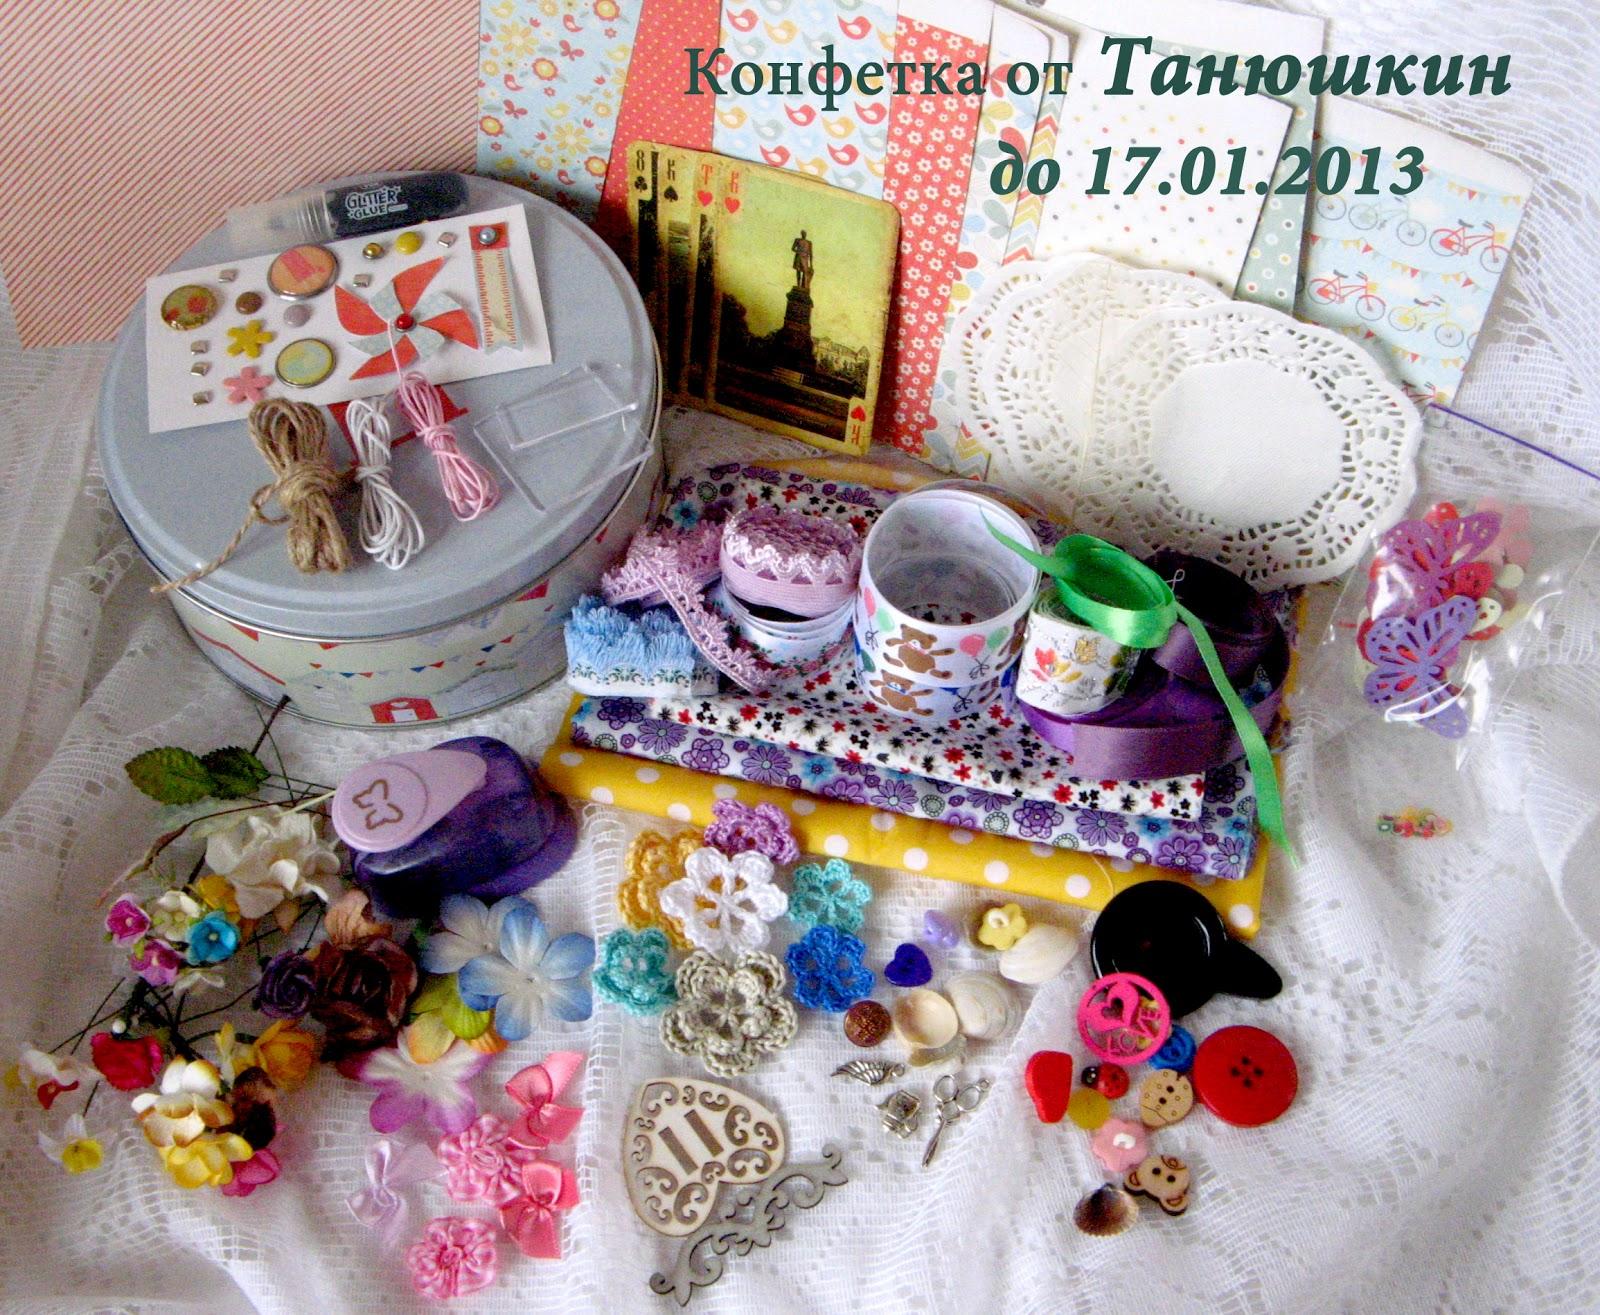 Конфетка от Танюши